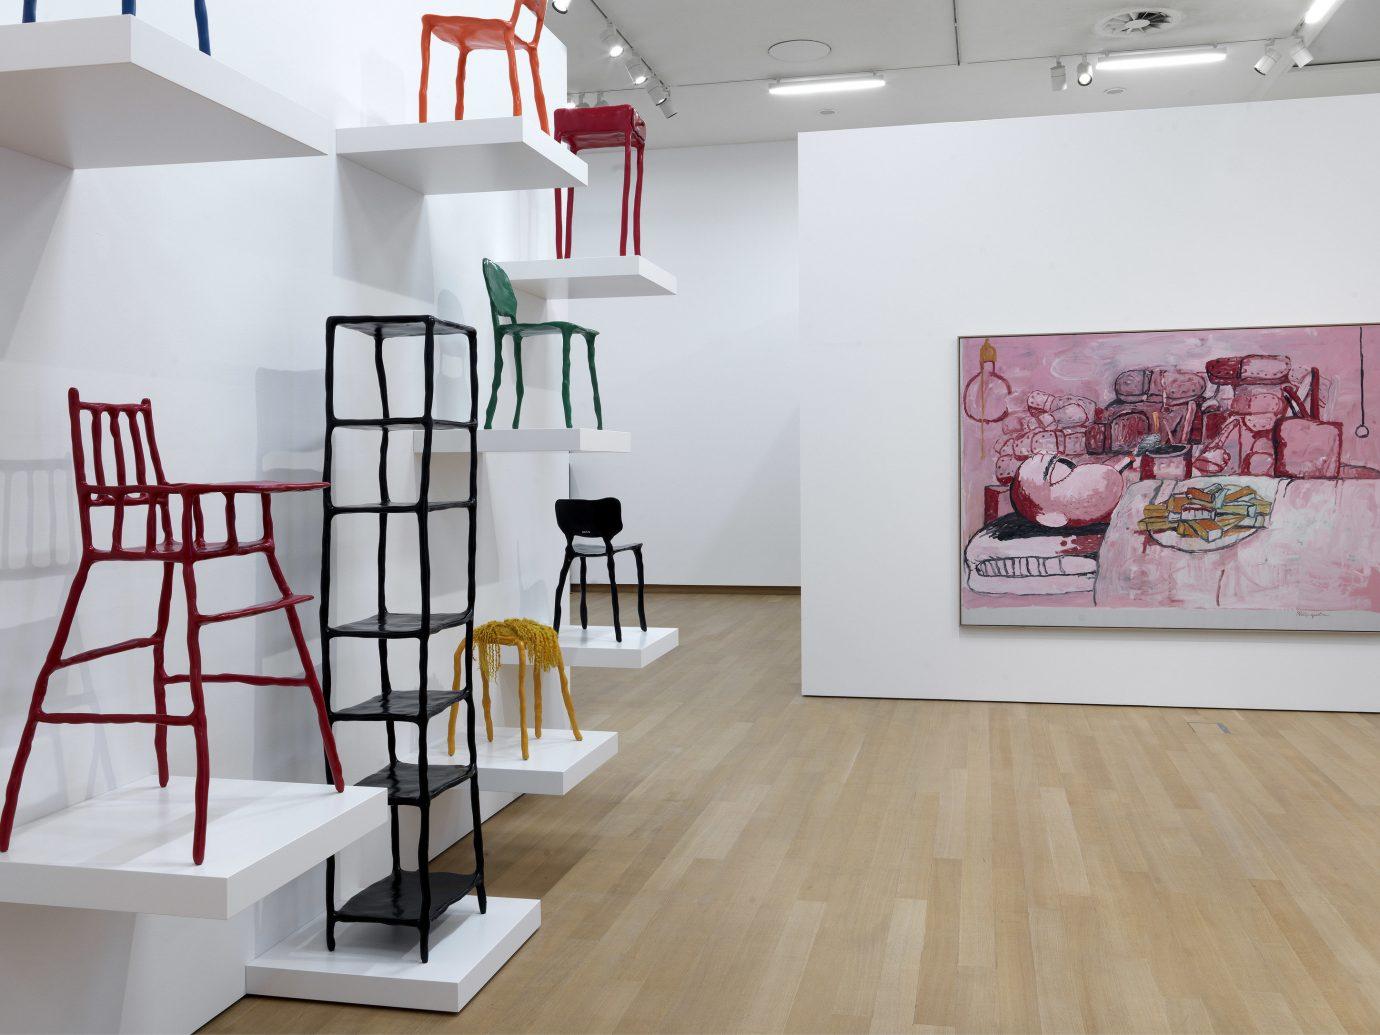 Amsterdam's Stedelijk Museum of Modern Art